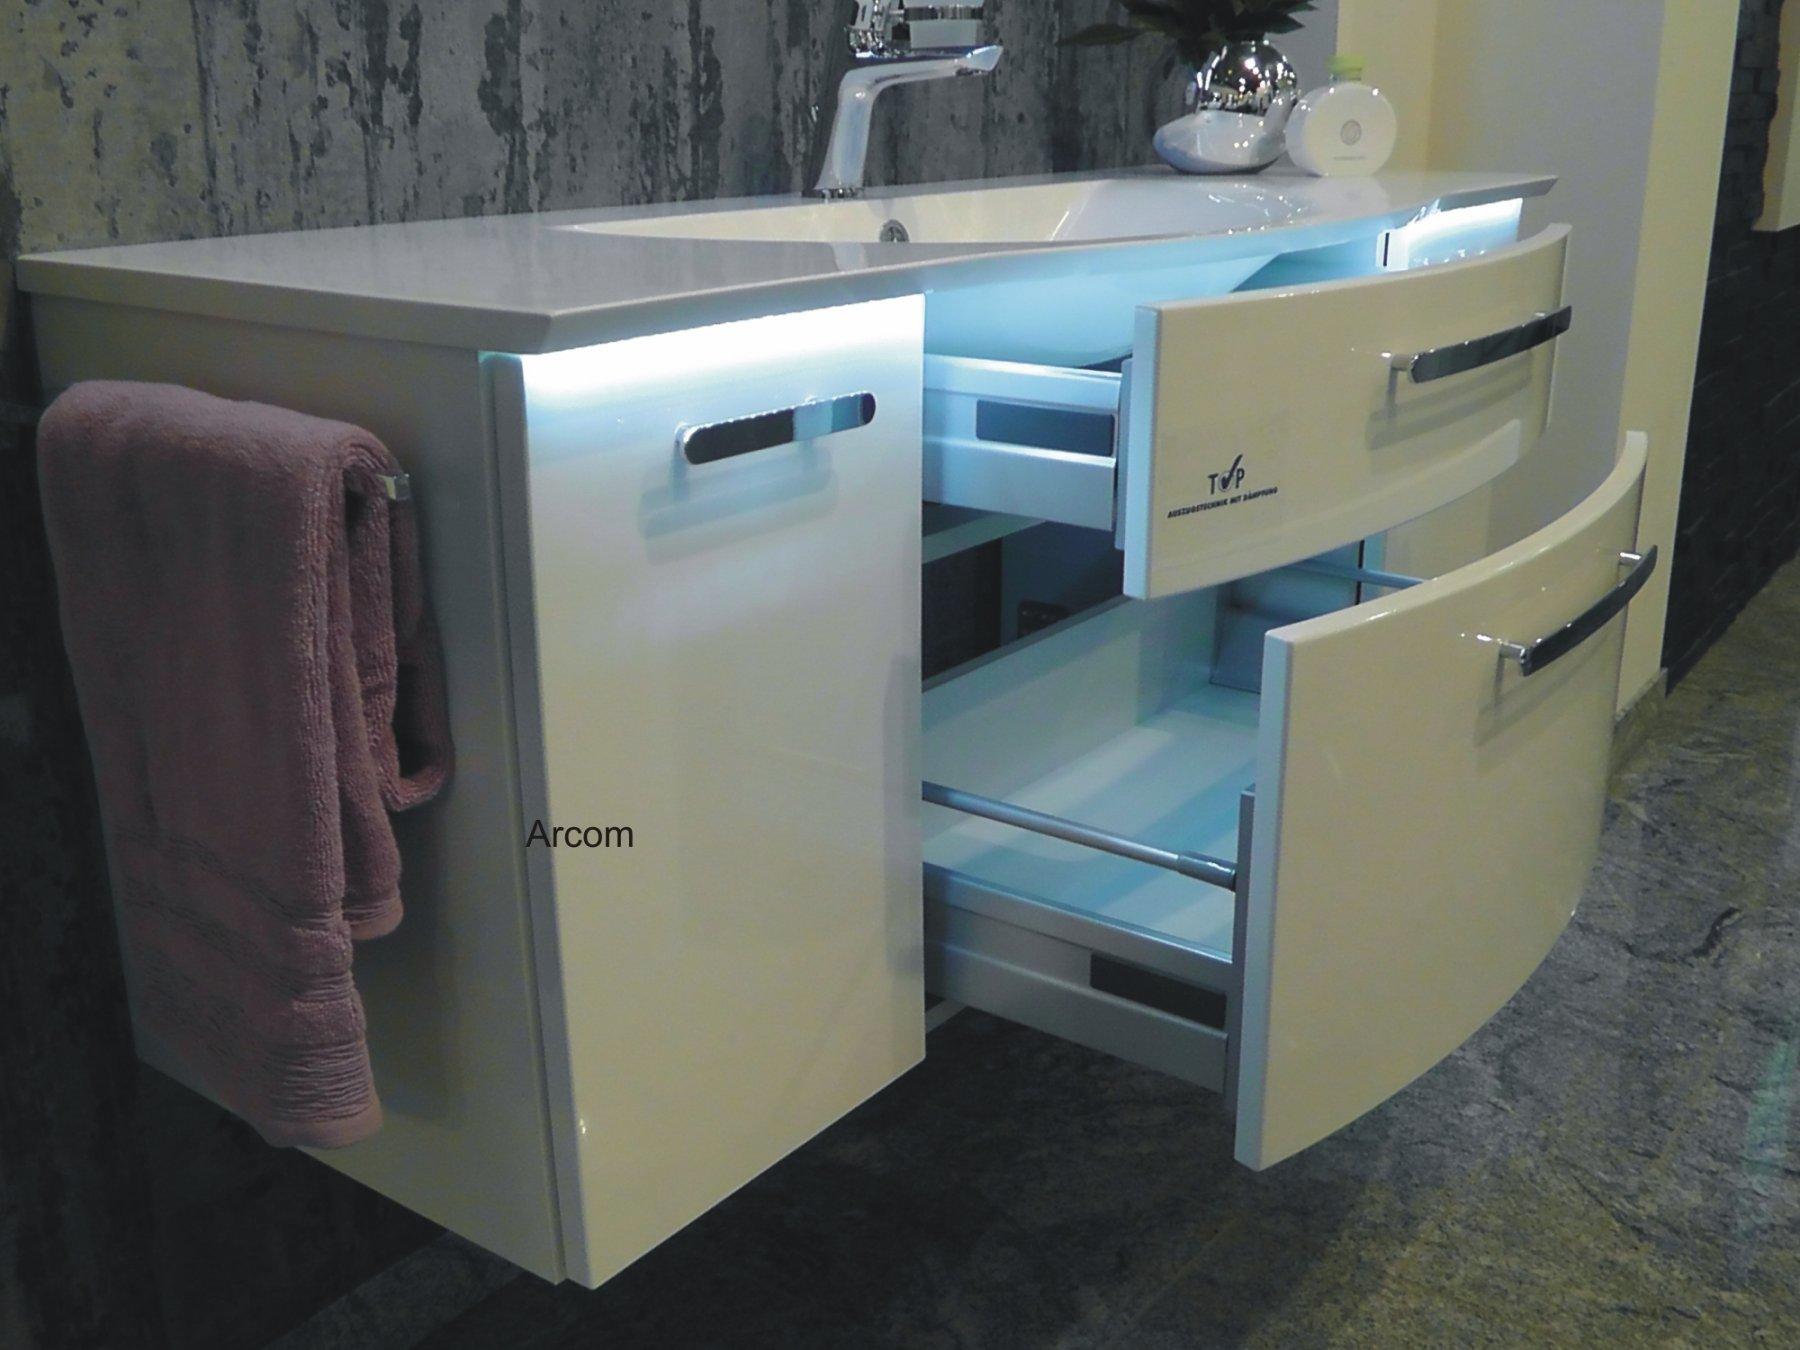 puris linea set e 130 cm badm bel g nstig arcom center. Black Bedroom Furniture Sets. Home Design Ideas